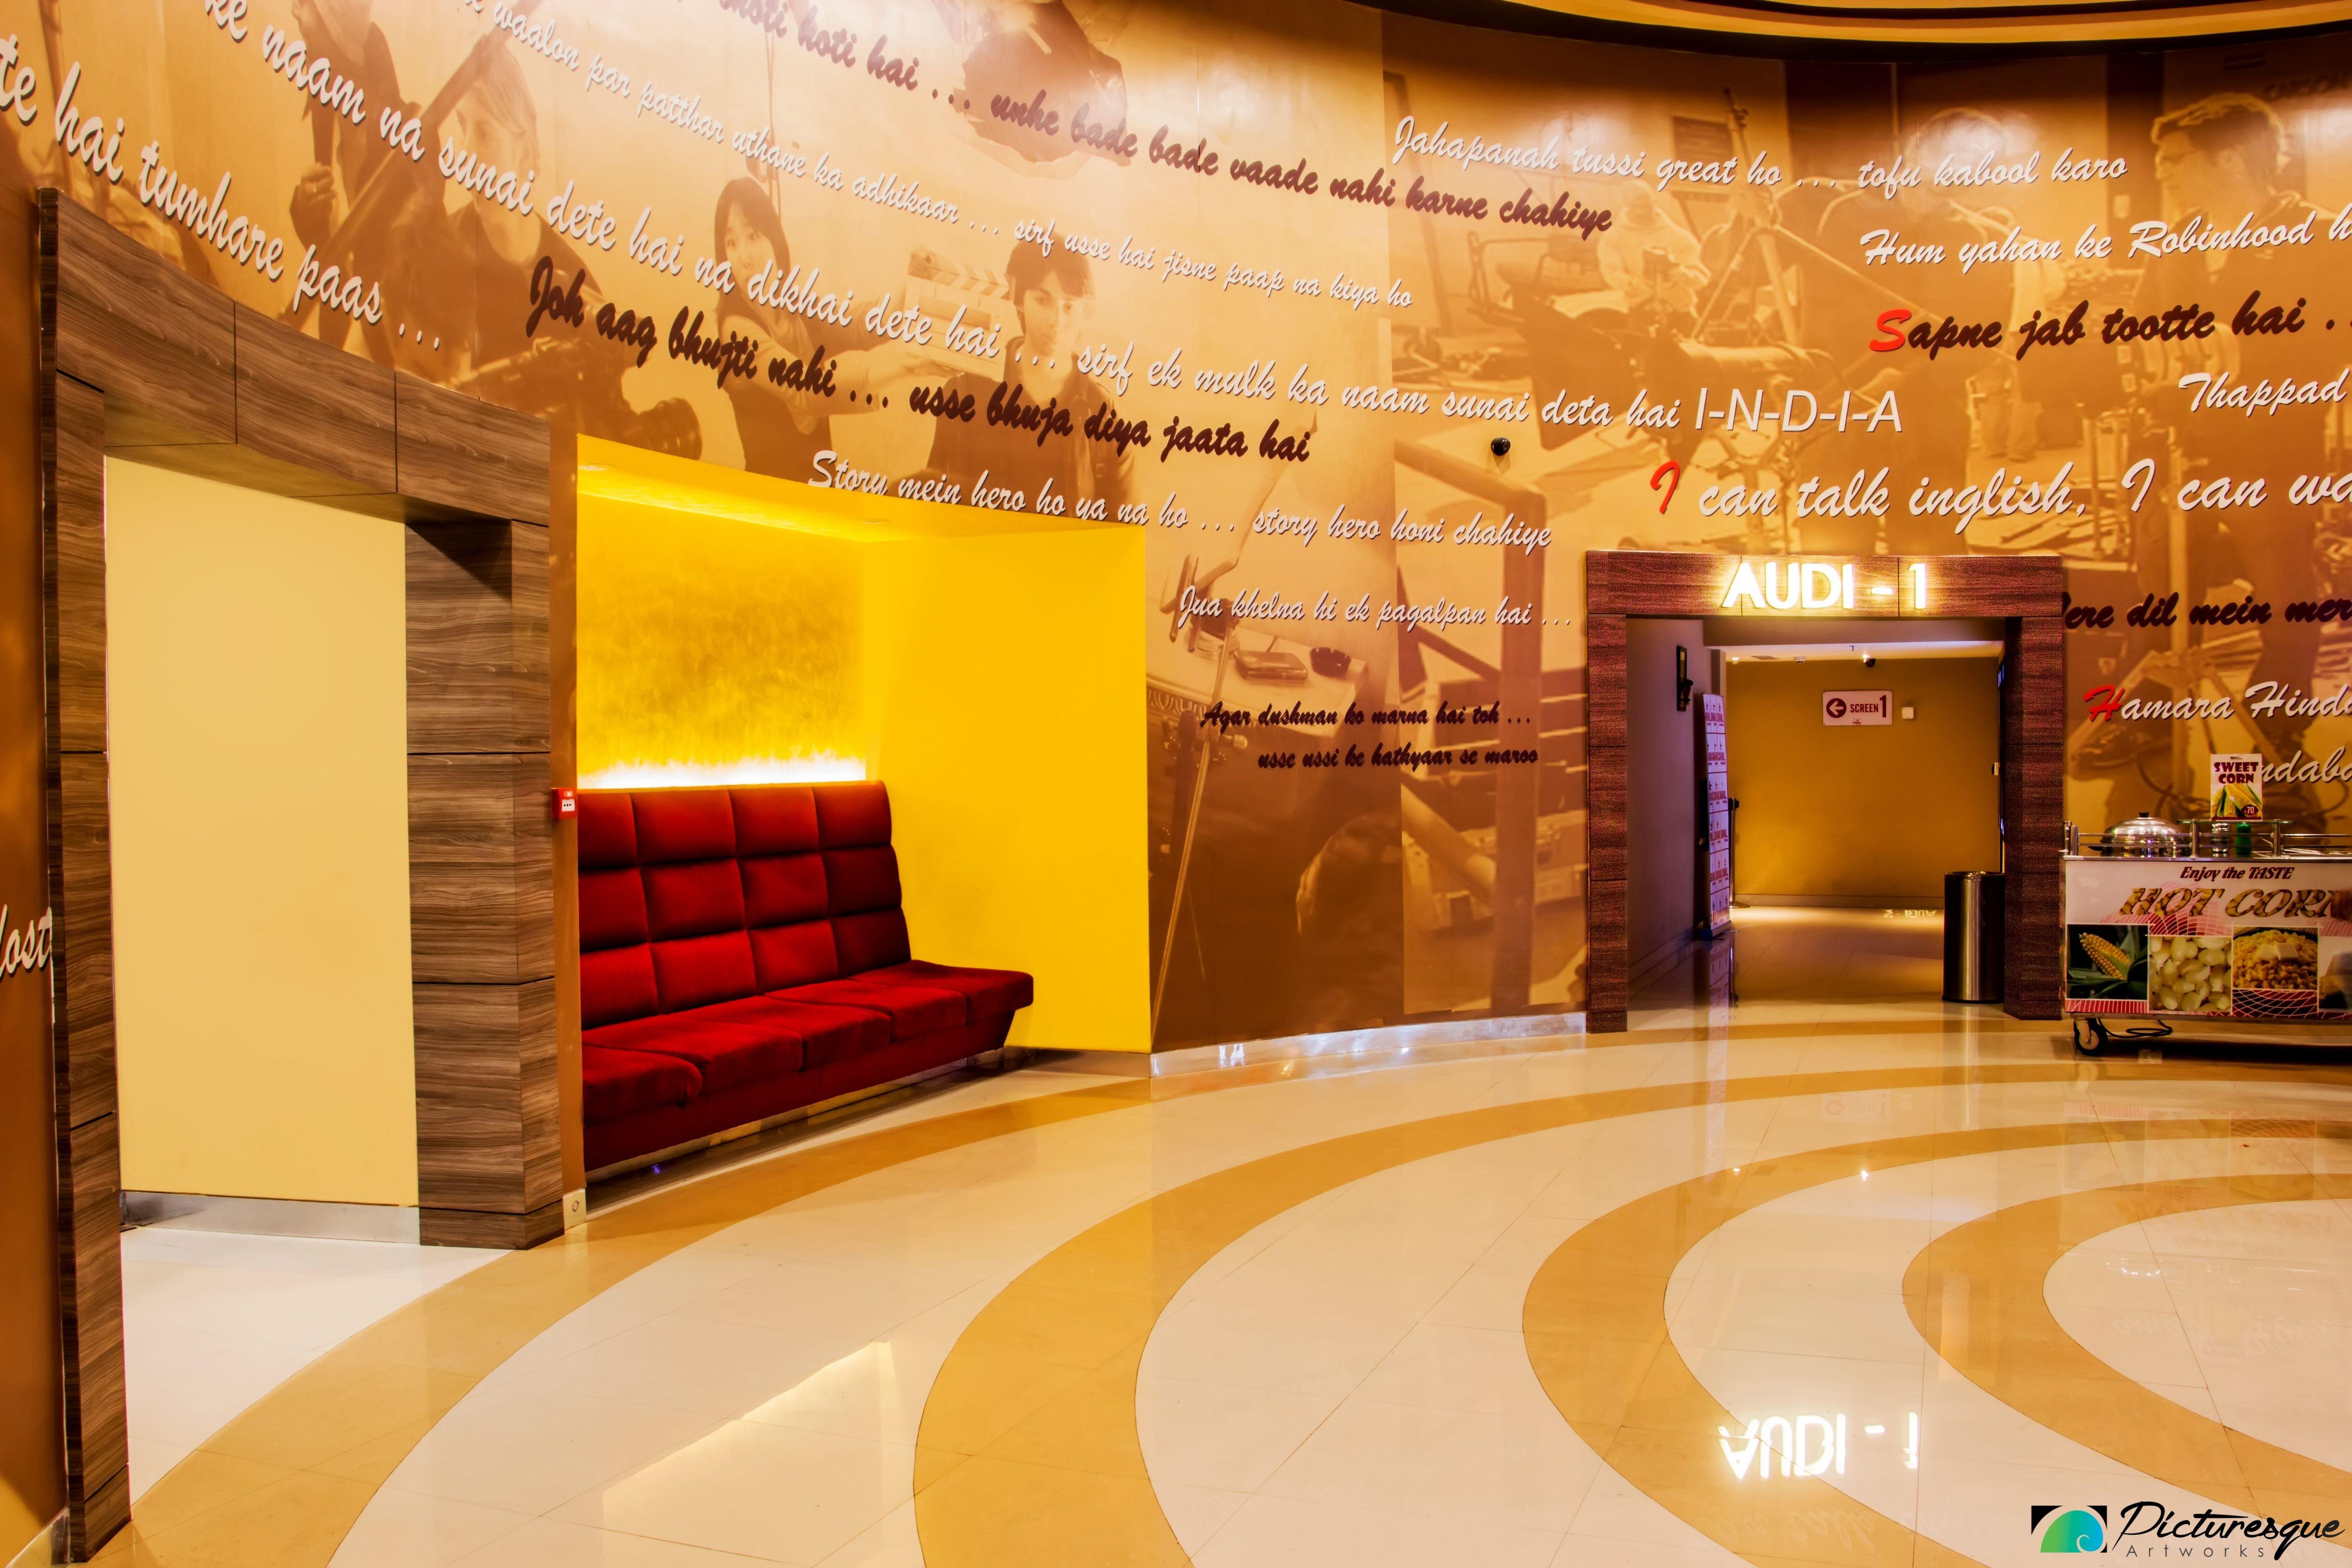 village cinema doncaster entrance foyer interior. Black Bedroom Furniture Sets. Home Design Ideas